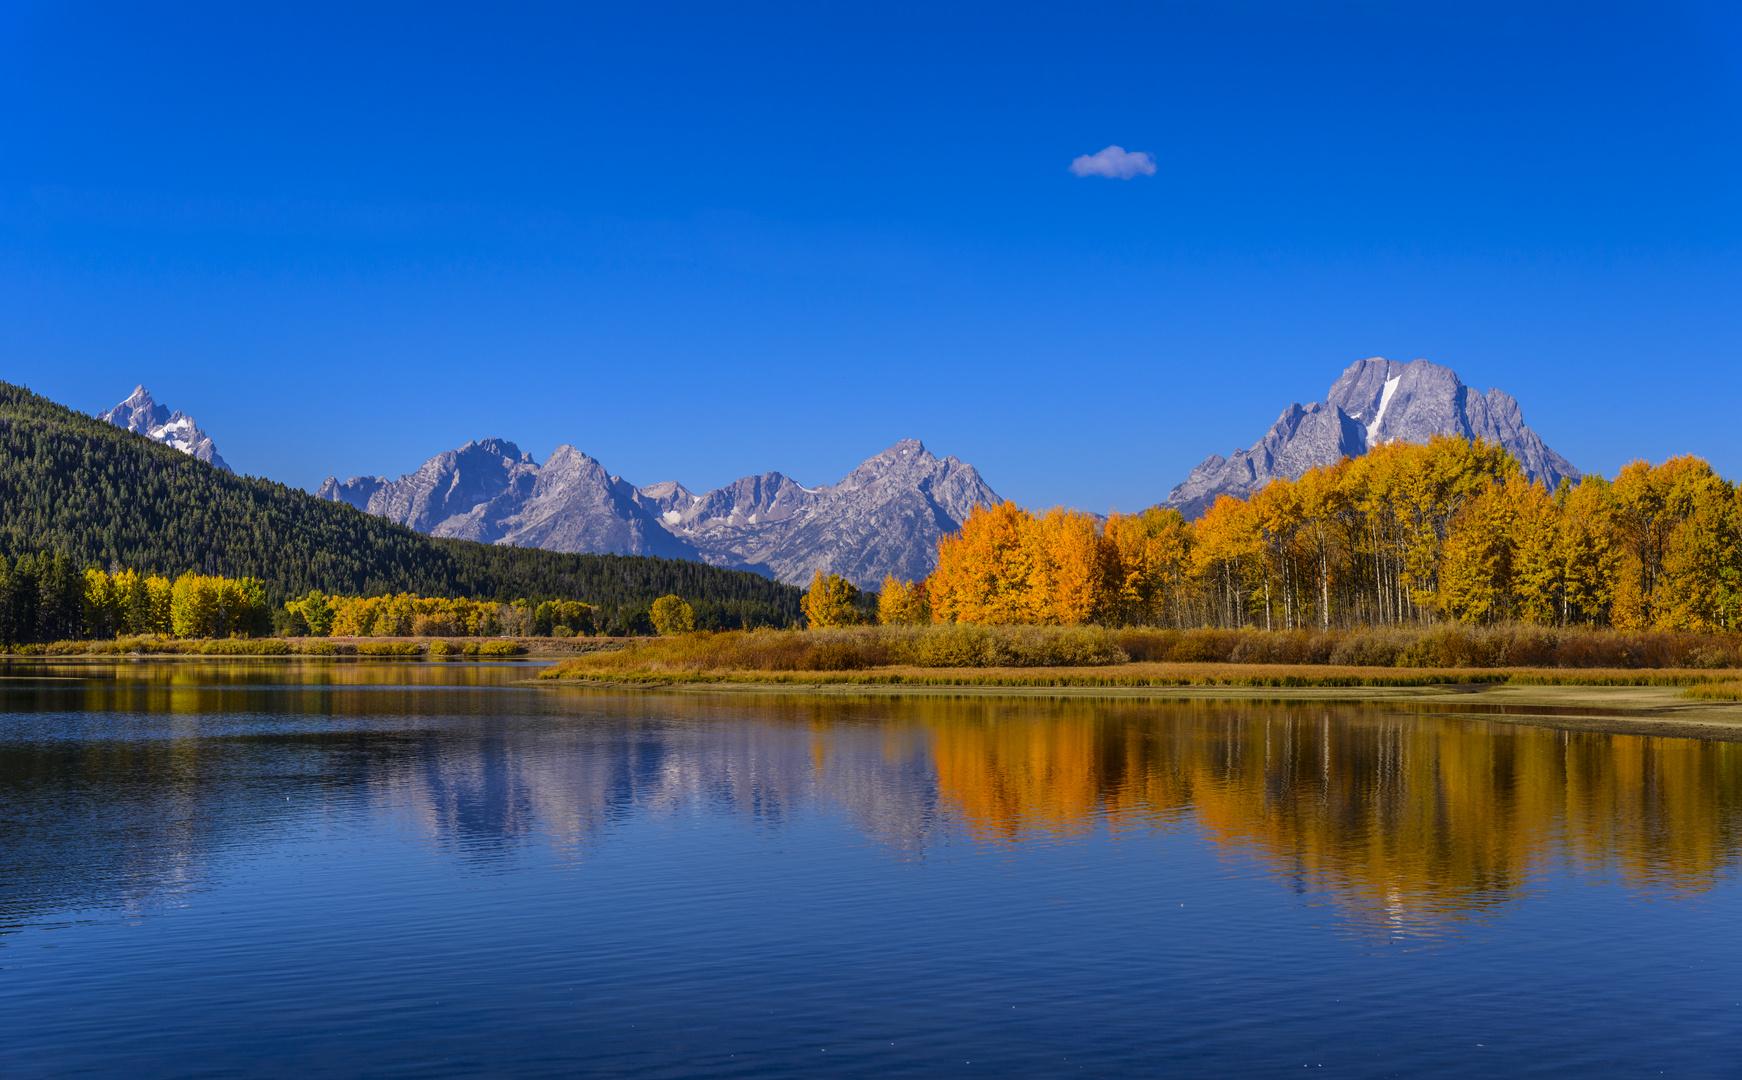 Herbst am Oxbow Bend, Teton Range, Wyoming, USA